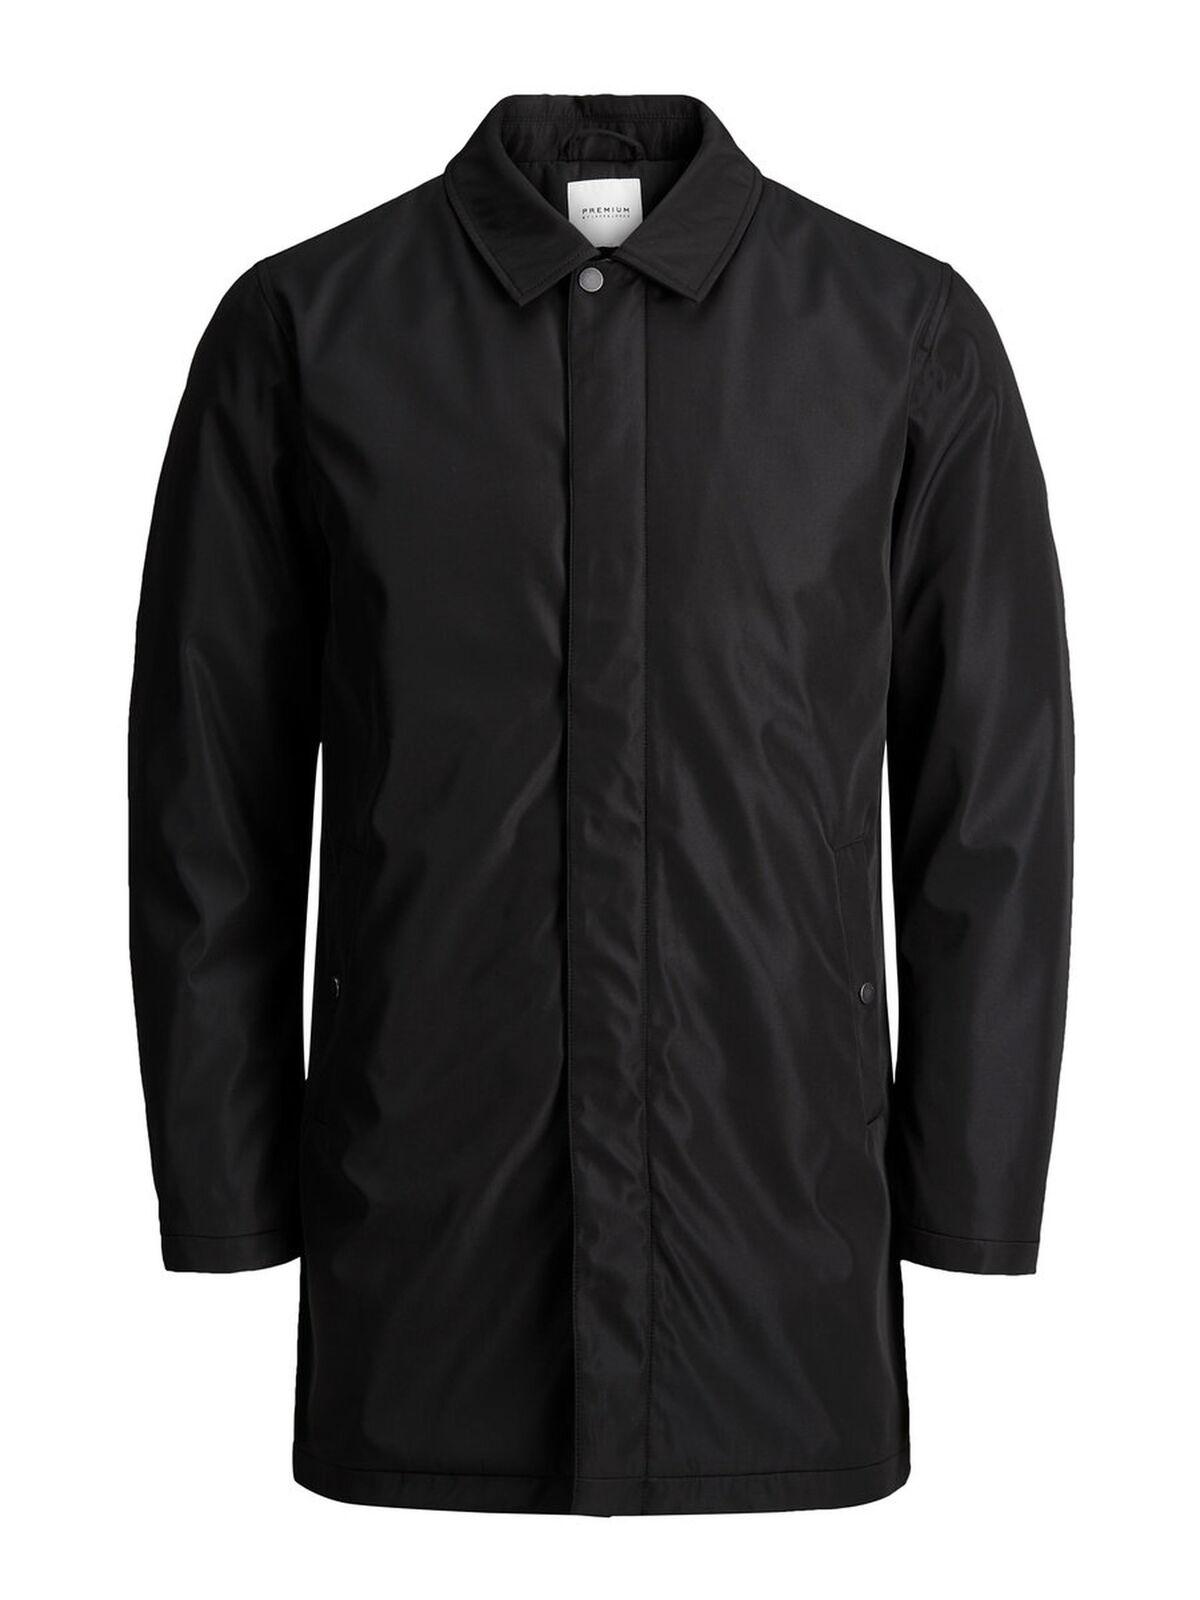 Mantel 12123311 Jack und Jones Premium-Mann Mantel Jacke wasserdichte Jacke